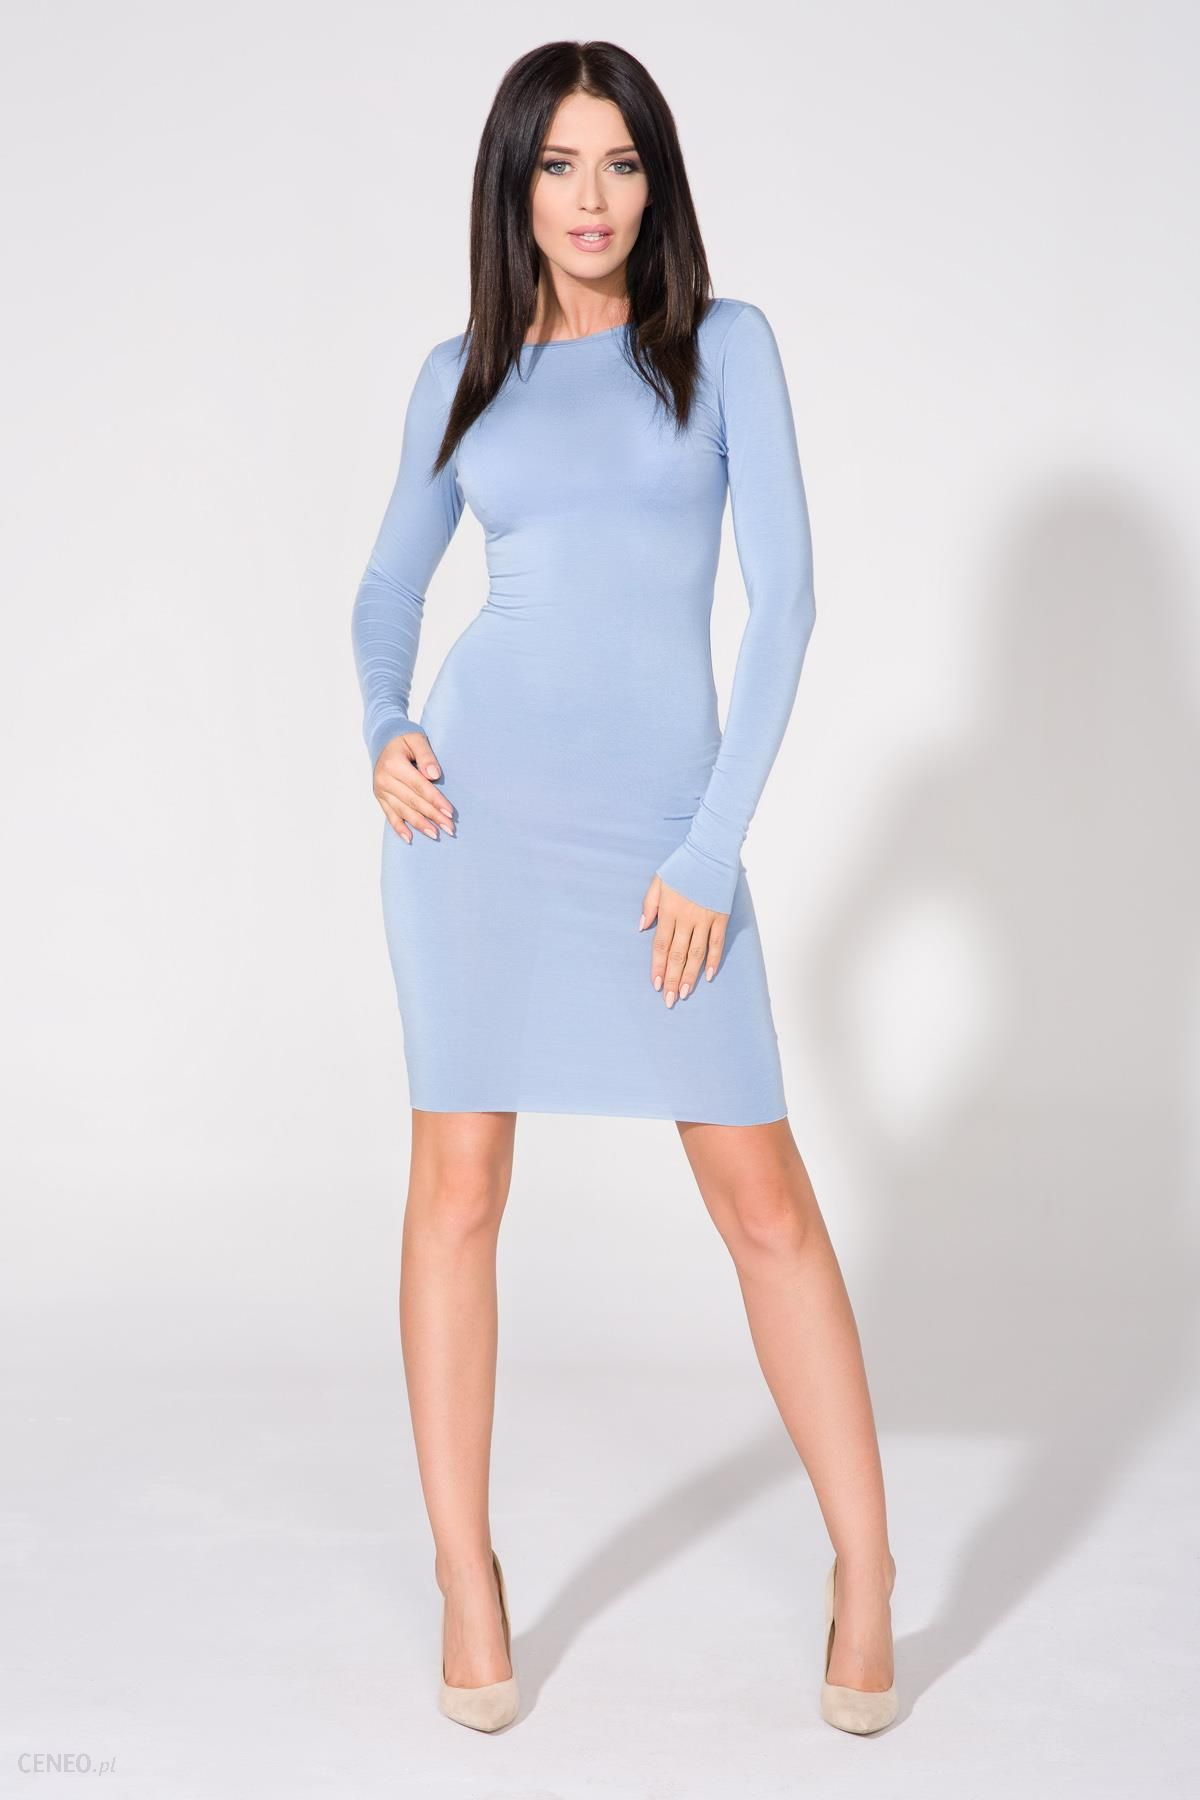 15aaf38969 Tessita Niebieska Sukienka Dopasowana Dzianinowa z Dekoltem na Plecach -  zdjęcie 1